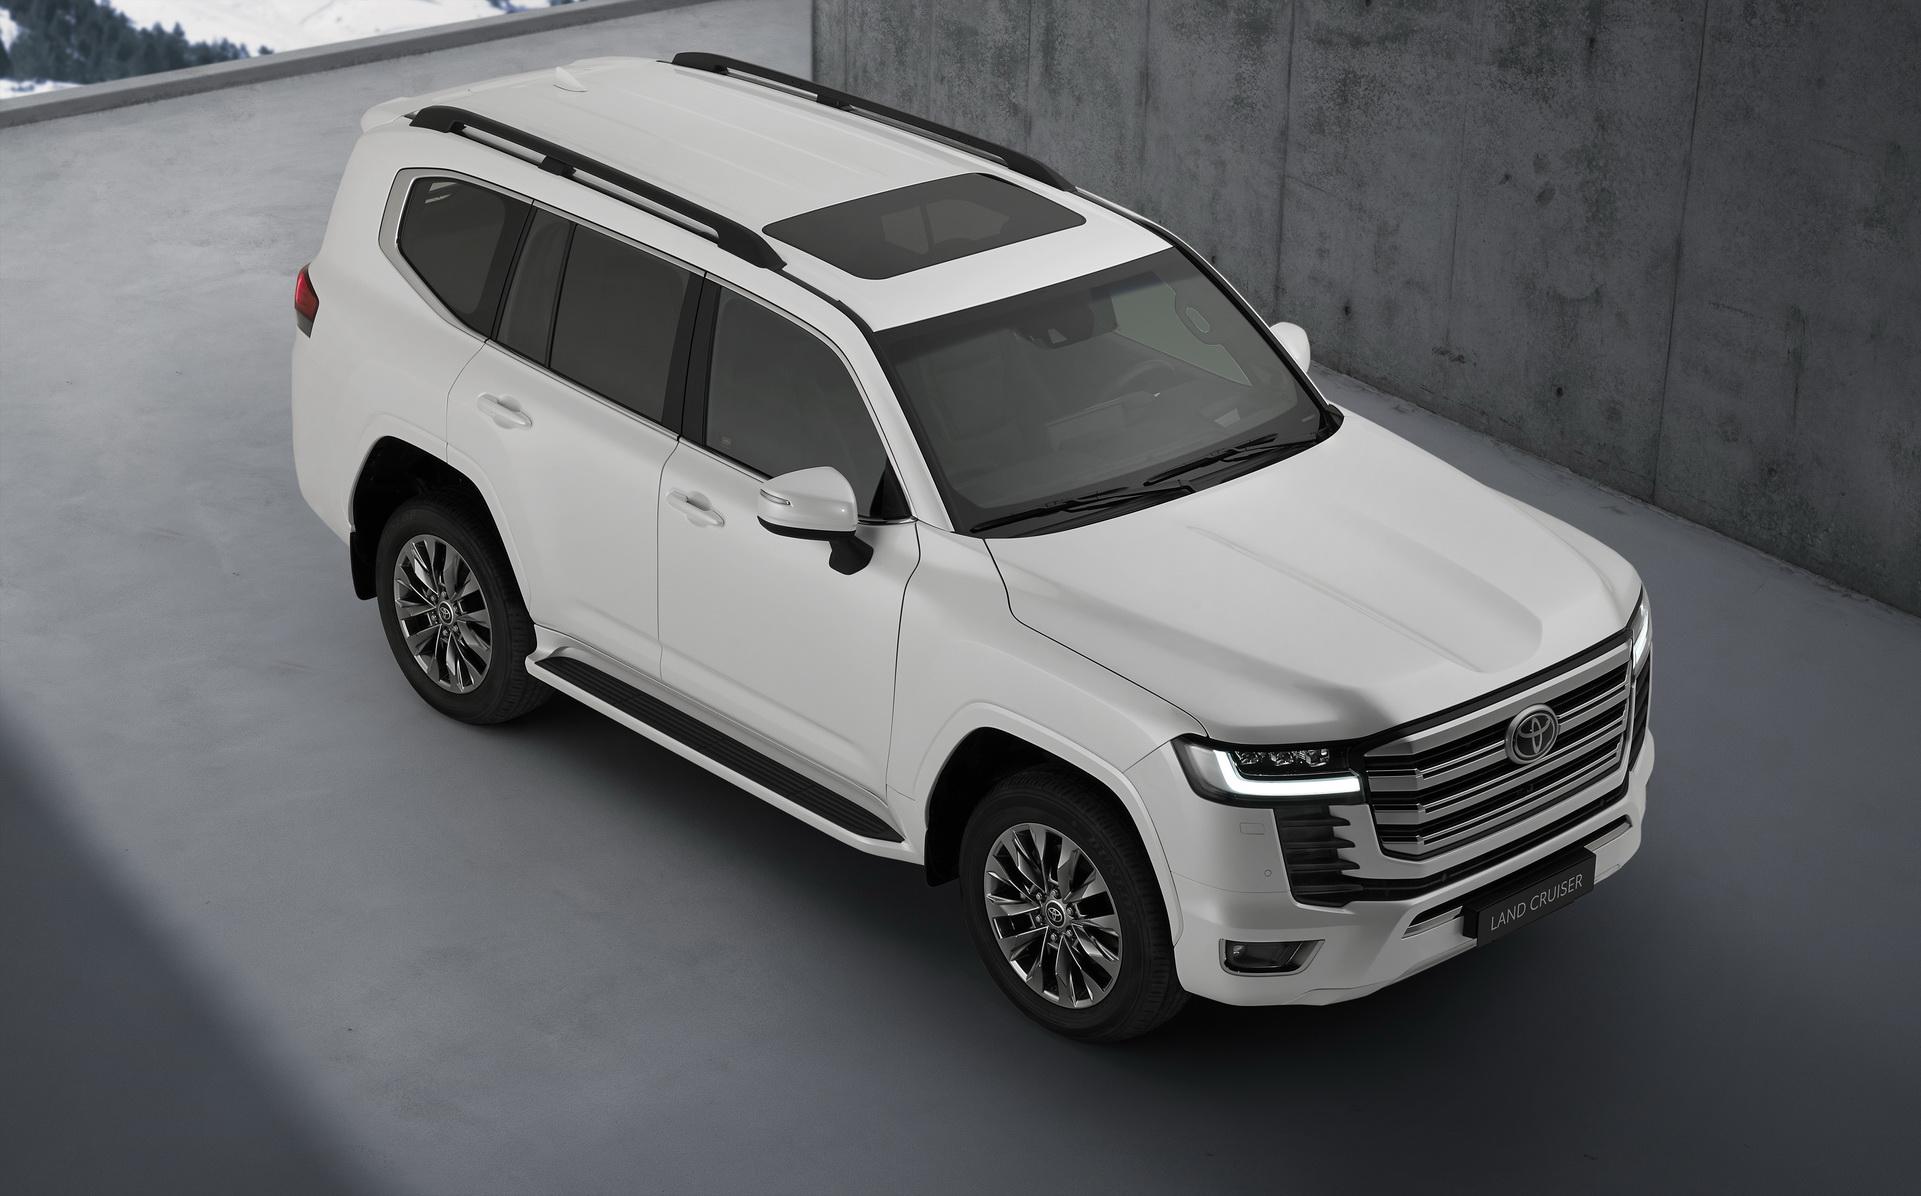 Toyota Land Cruiser 2022 ra mắt: Kiểu dáng mới, động cơ tăng áp, nhiều tính năng hỗ trợ offroad - Ảnh 4.